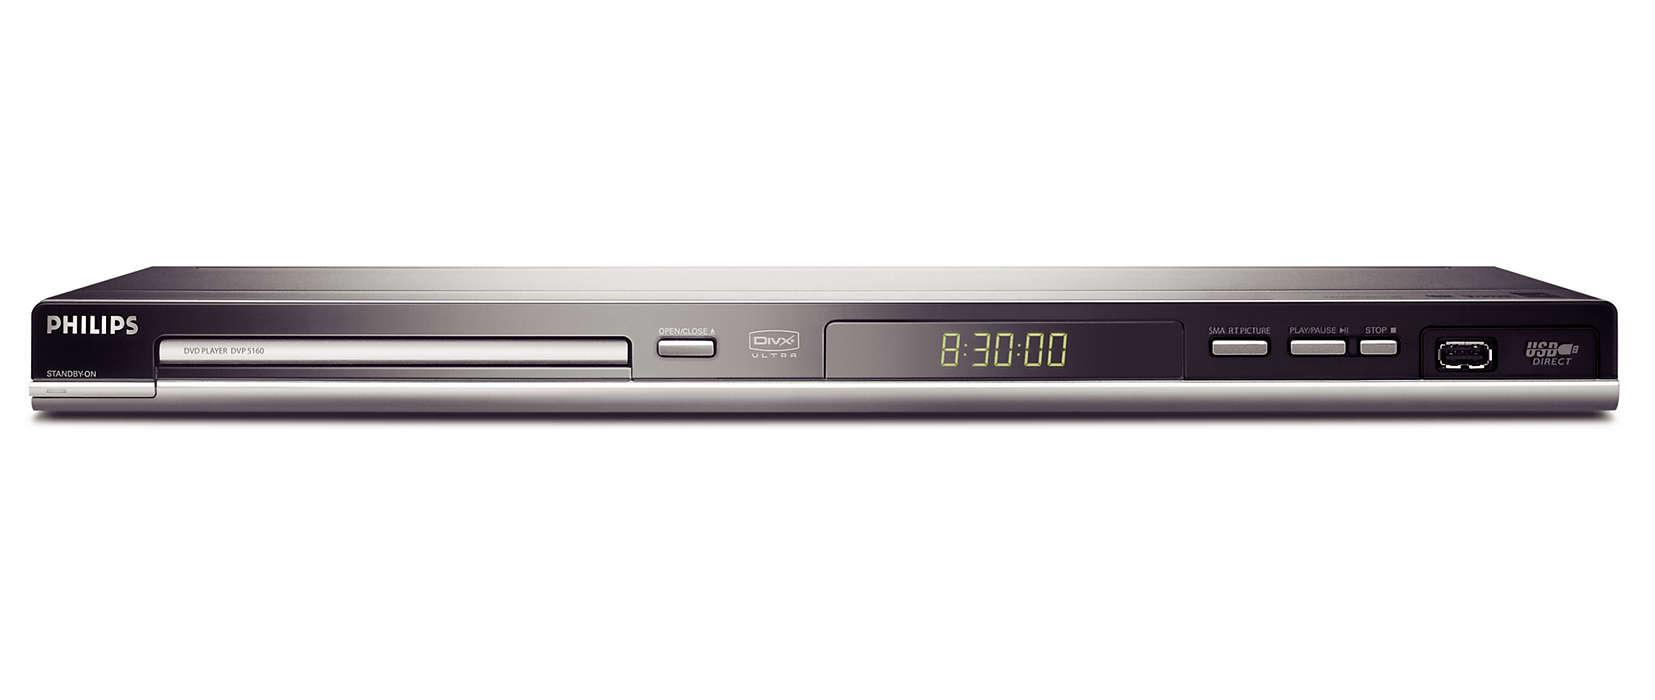 Bezpośrednio z USB na ekran telewizora